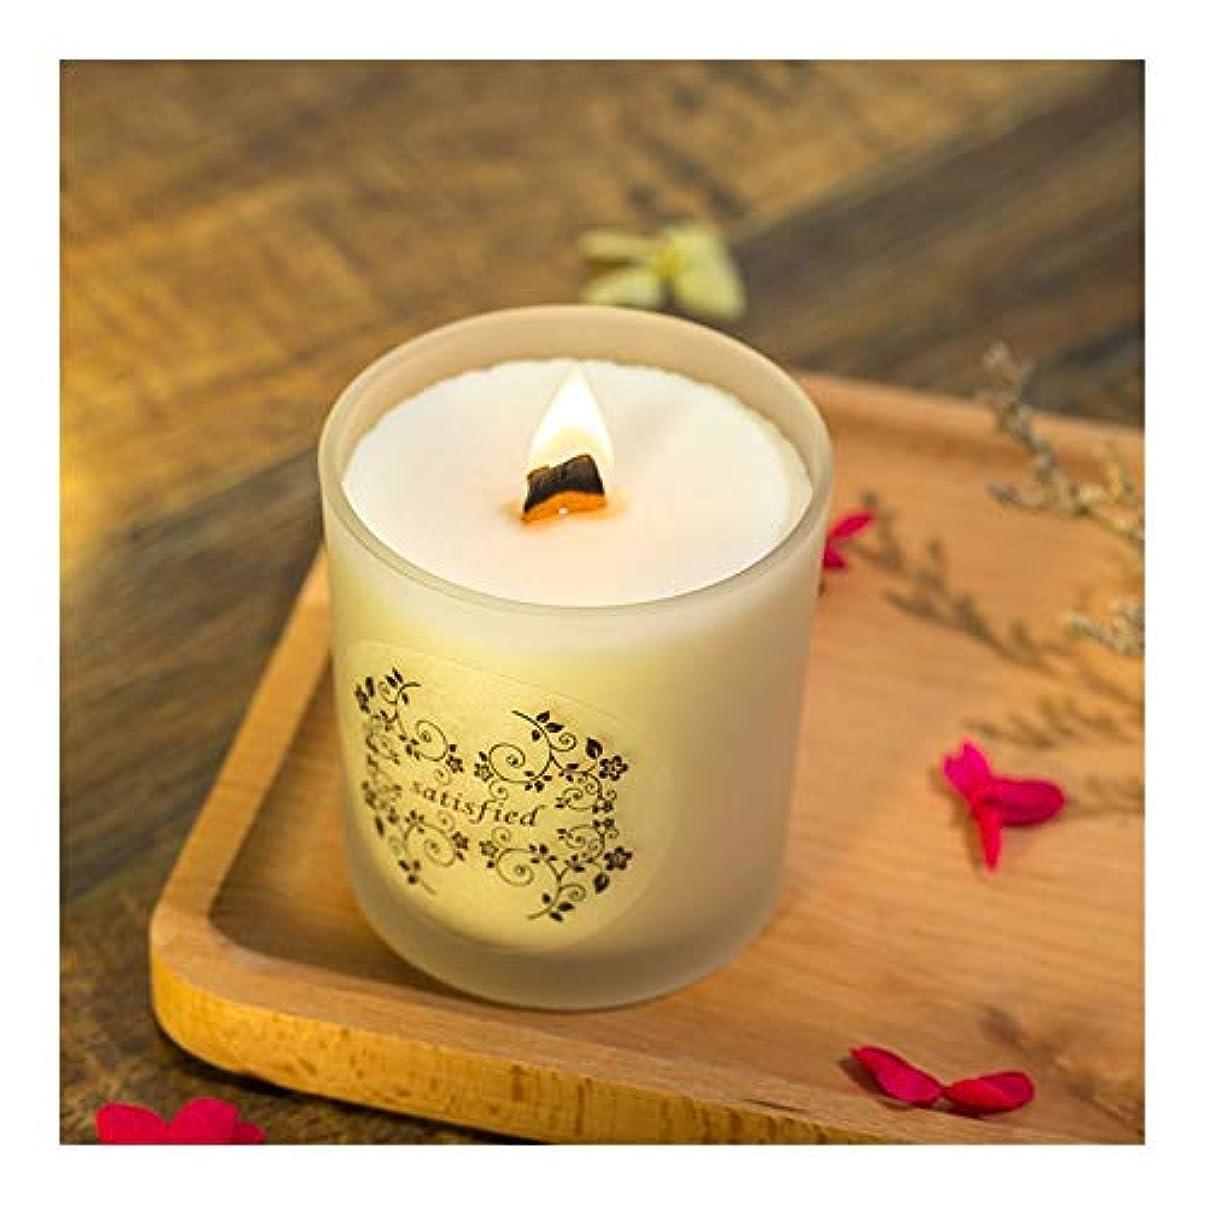 転用処方するお風呂を持っているZtian 大豆香料入りキャンドルロマンチックな香料入りキャンドル輸入エッセンシャルオイルキャンドルアロマセラピーガラス無煙 (色 : Lavender)